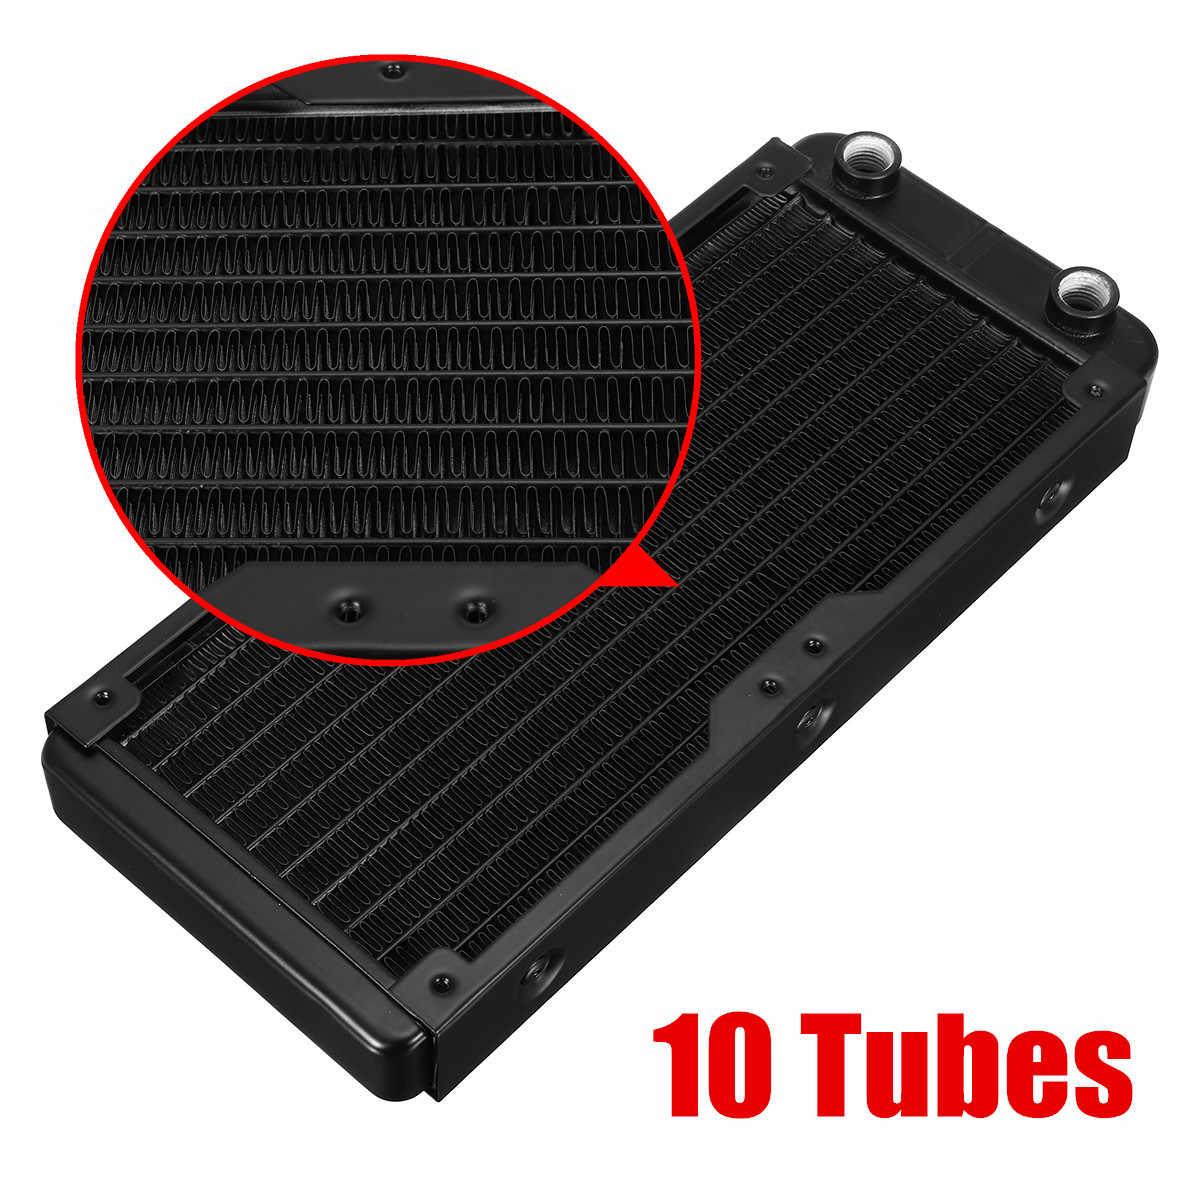 240 مللي متر 10 أنابيب الألومنيوم الكمبيوتر المبرد المياه التبريد برودة ل وحدة المعالجة المركزية المبرد مبادل وحدة المعالجة المركزية بالوعة الحرارة لأجهزة الكمبيوتر المحمول سطح المكتب